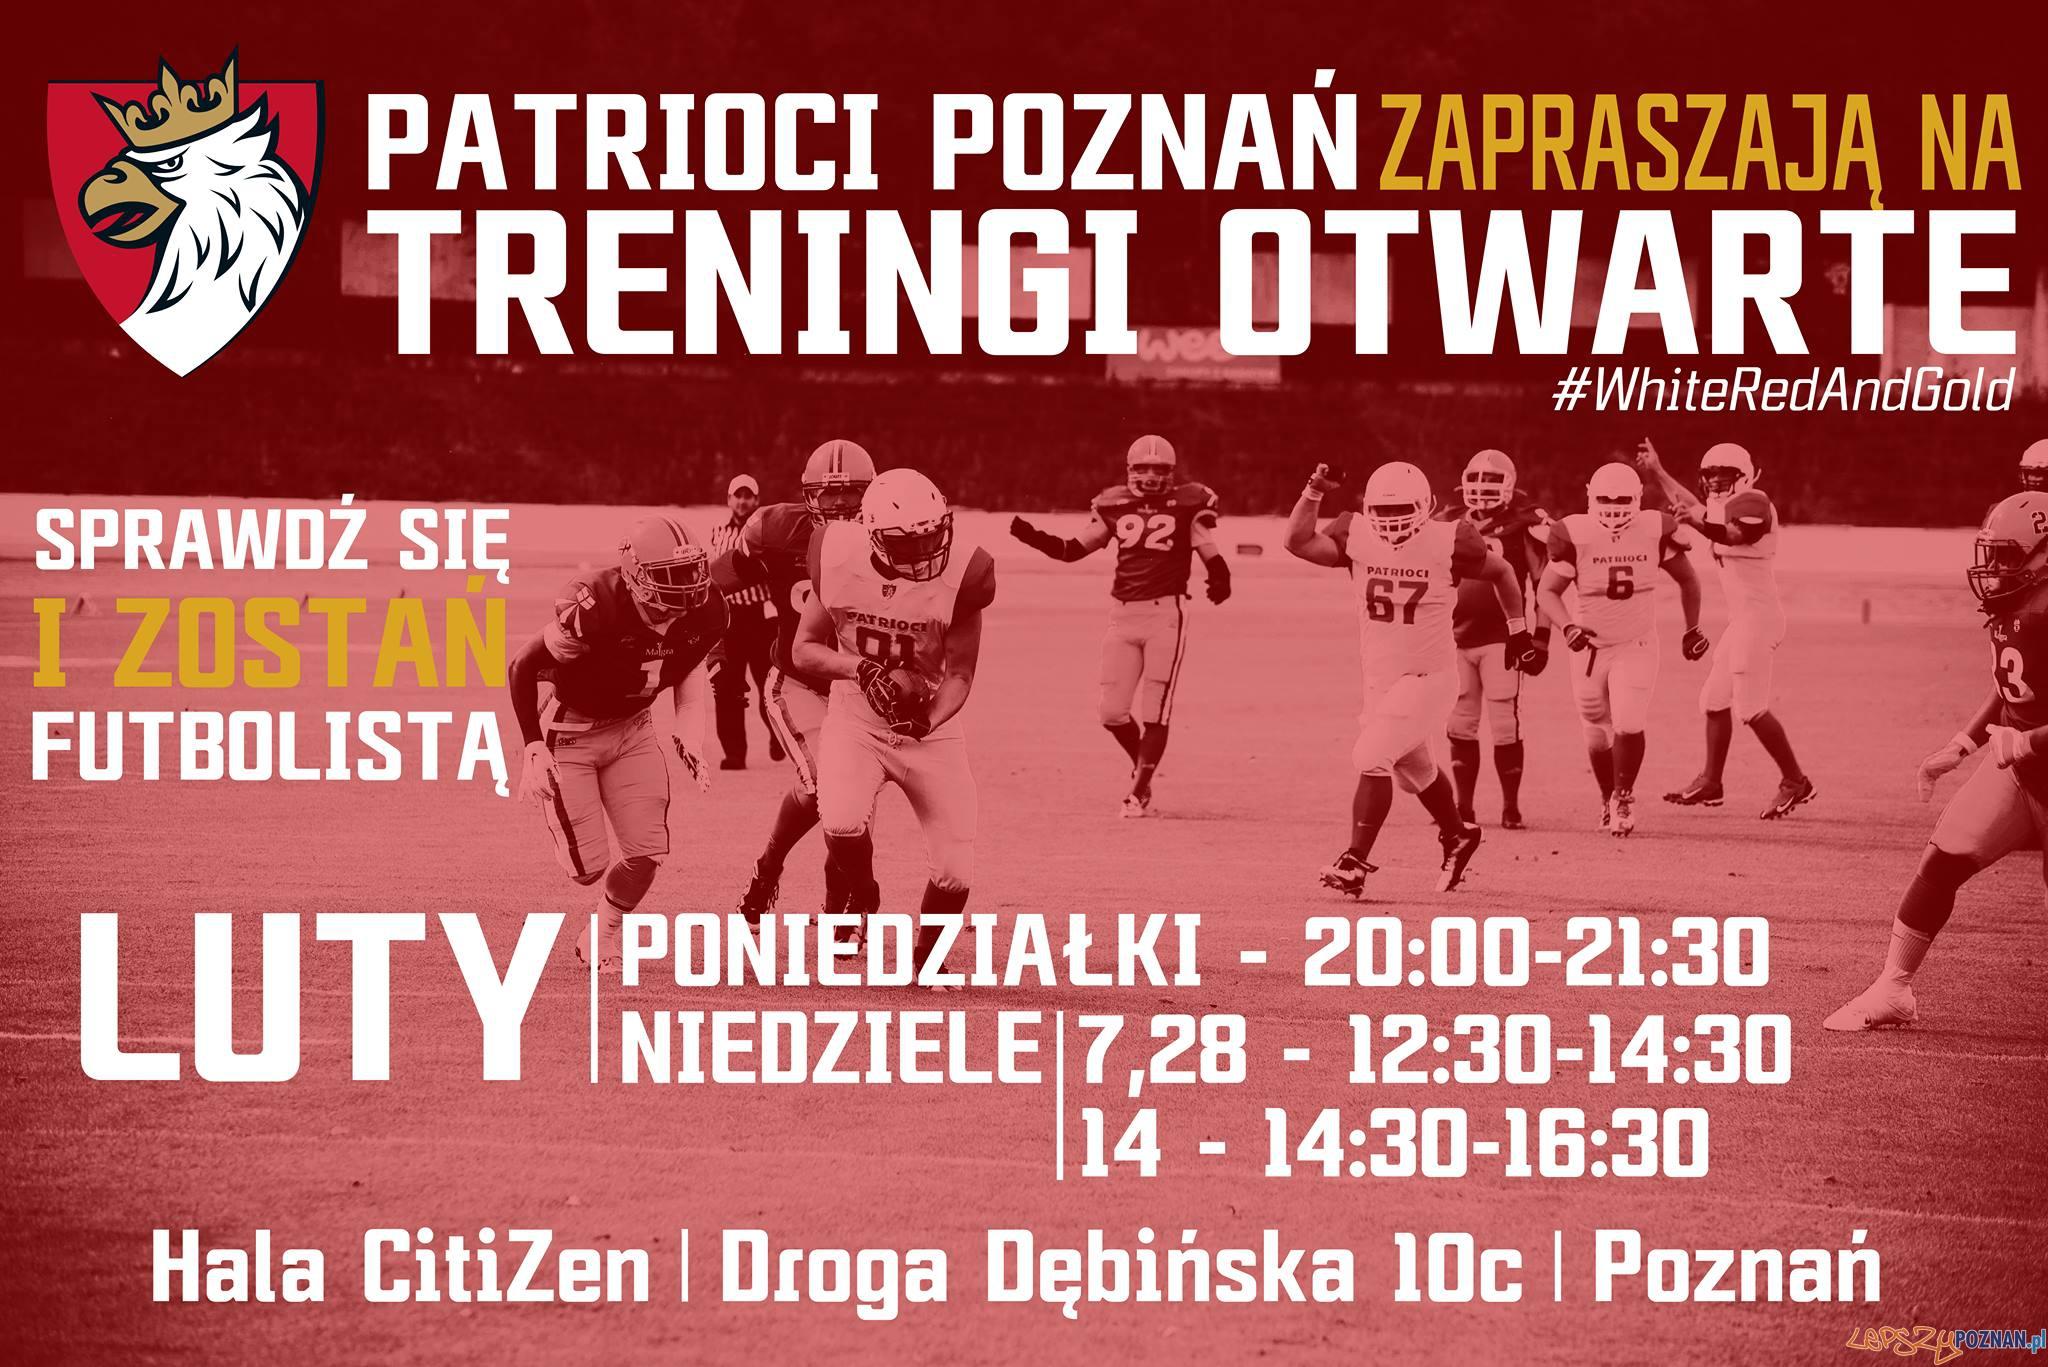 Patrioci Poznań - treningi otwarte luty 2016